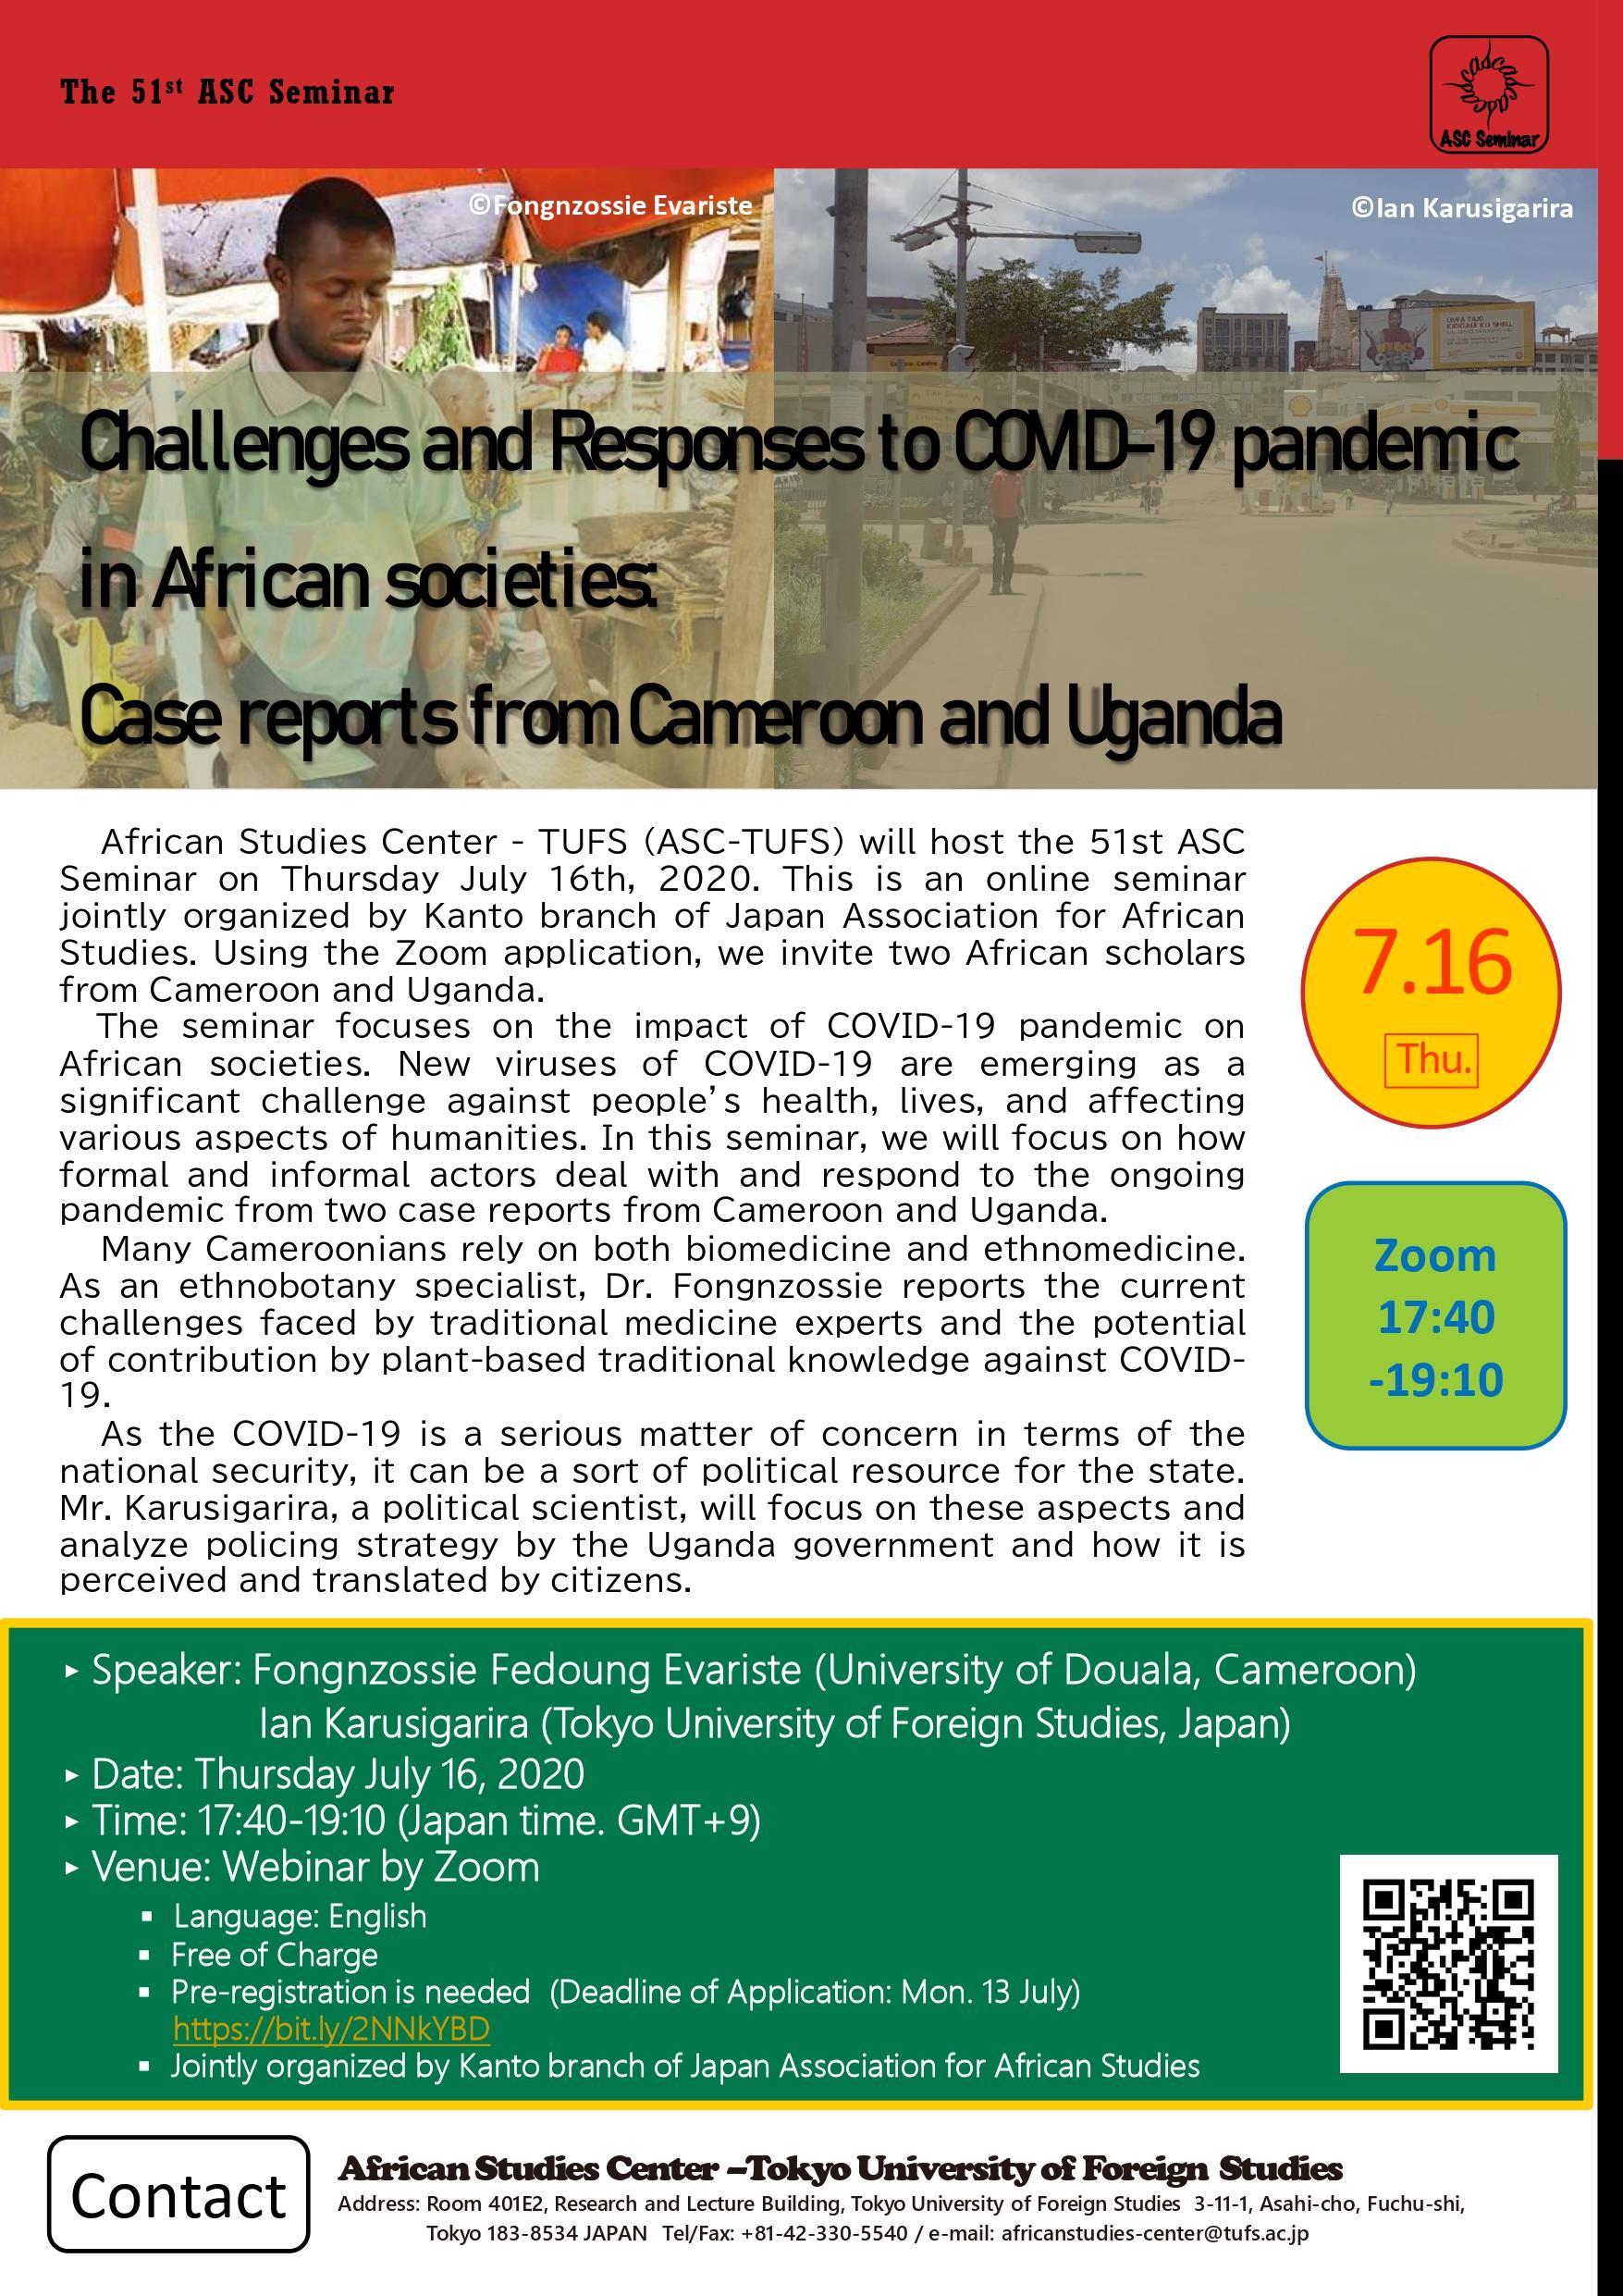 アフリカにおけるCOVID-19への挑戦と応答に関するセミナーを開催します